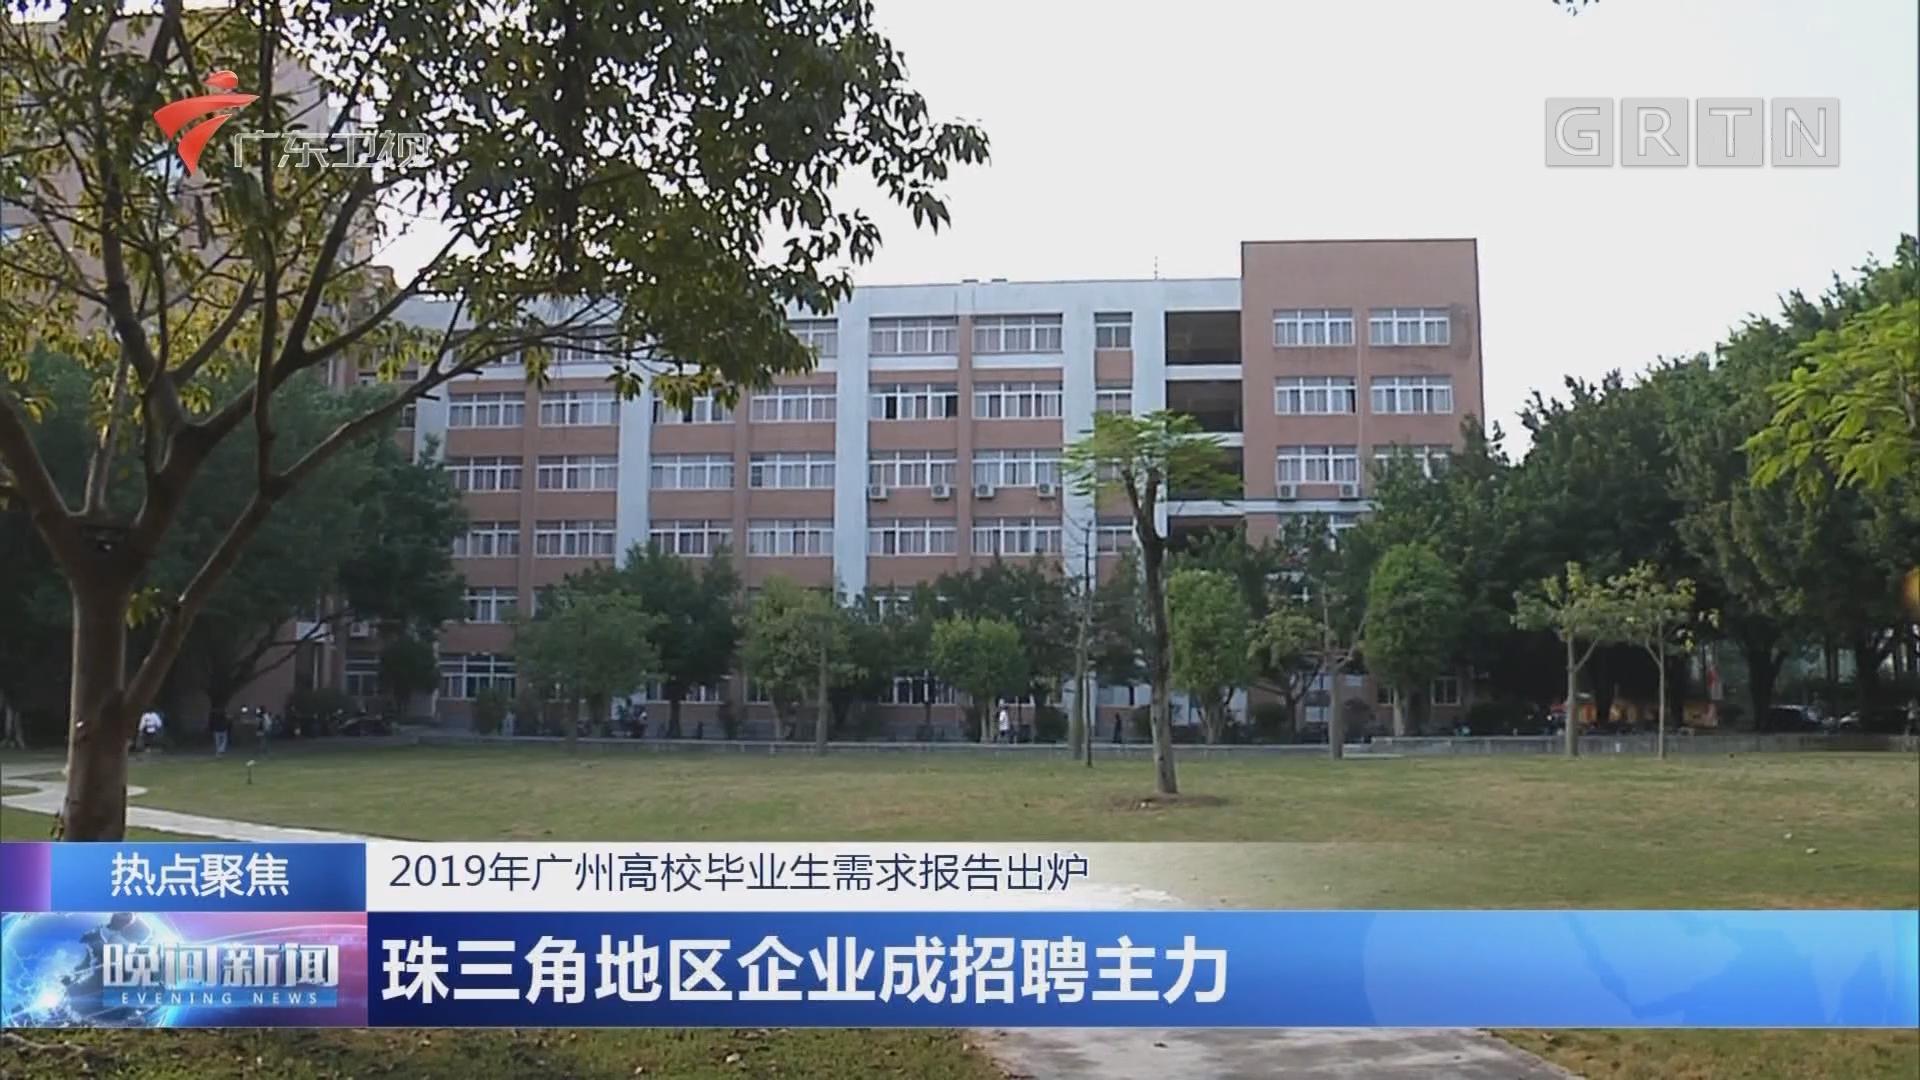 2019年广州高校毕业生需求报告出炉 珠三角地区企业成招聘主力